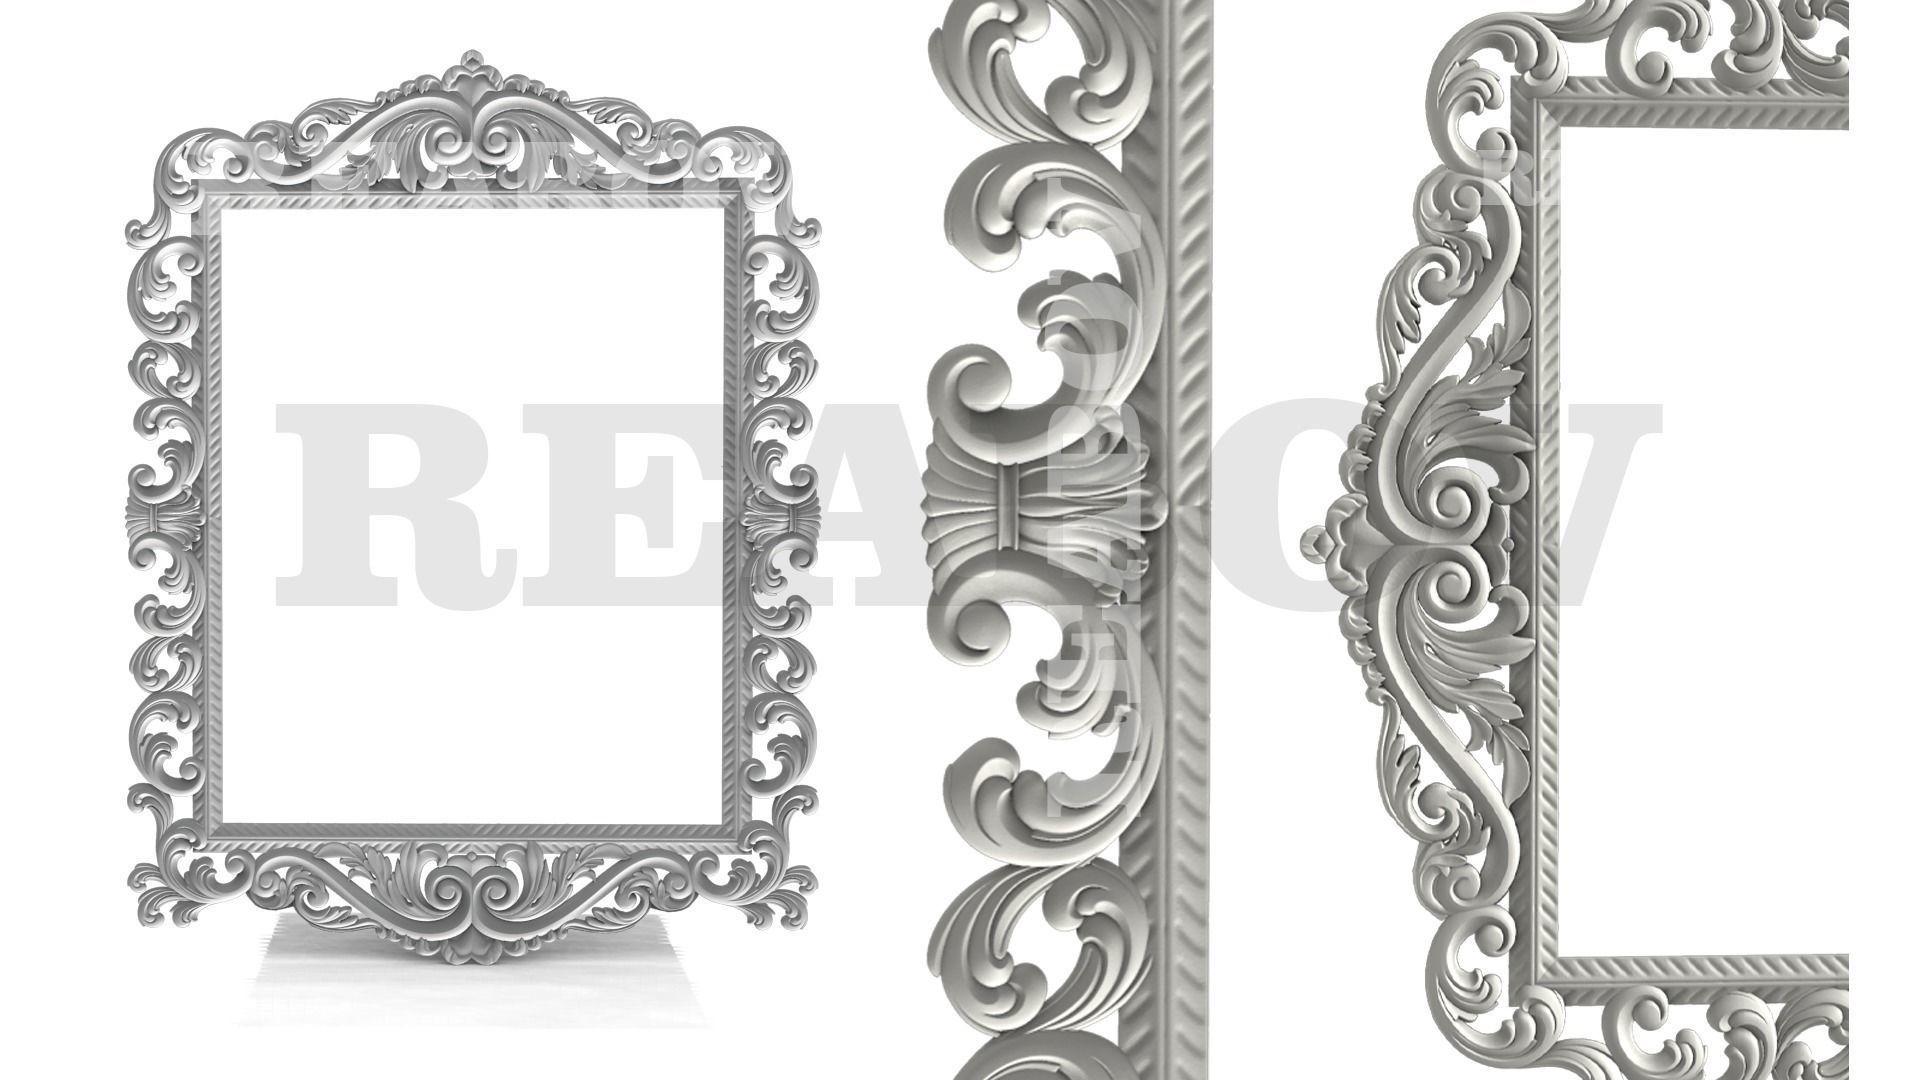 Frame 29